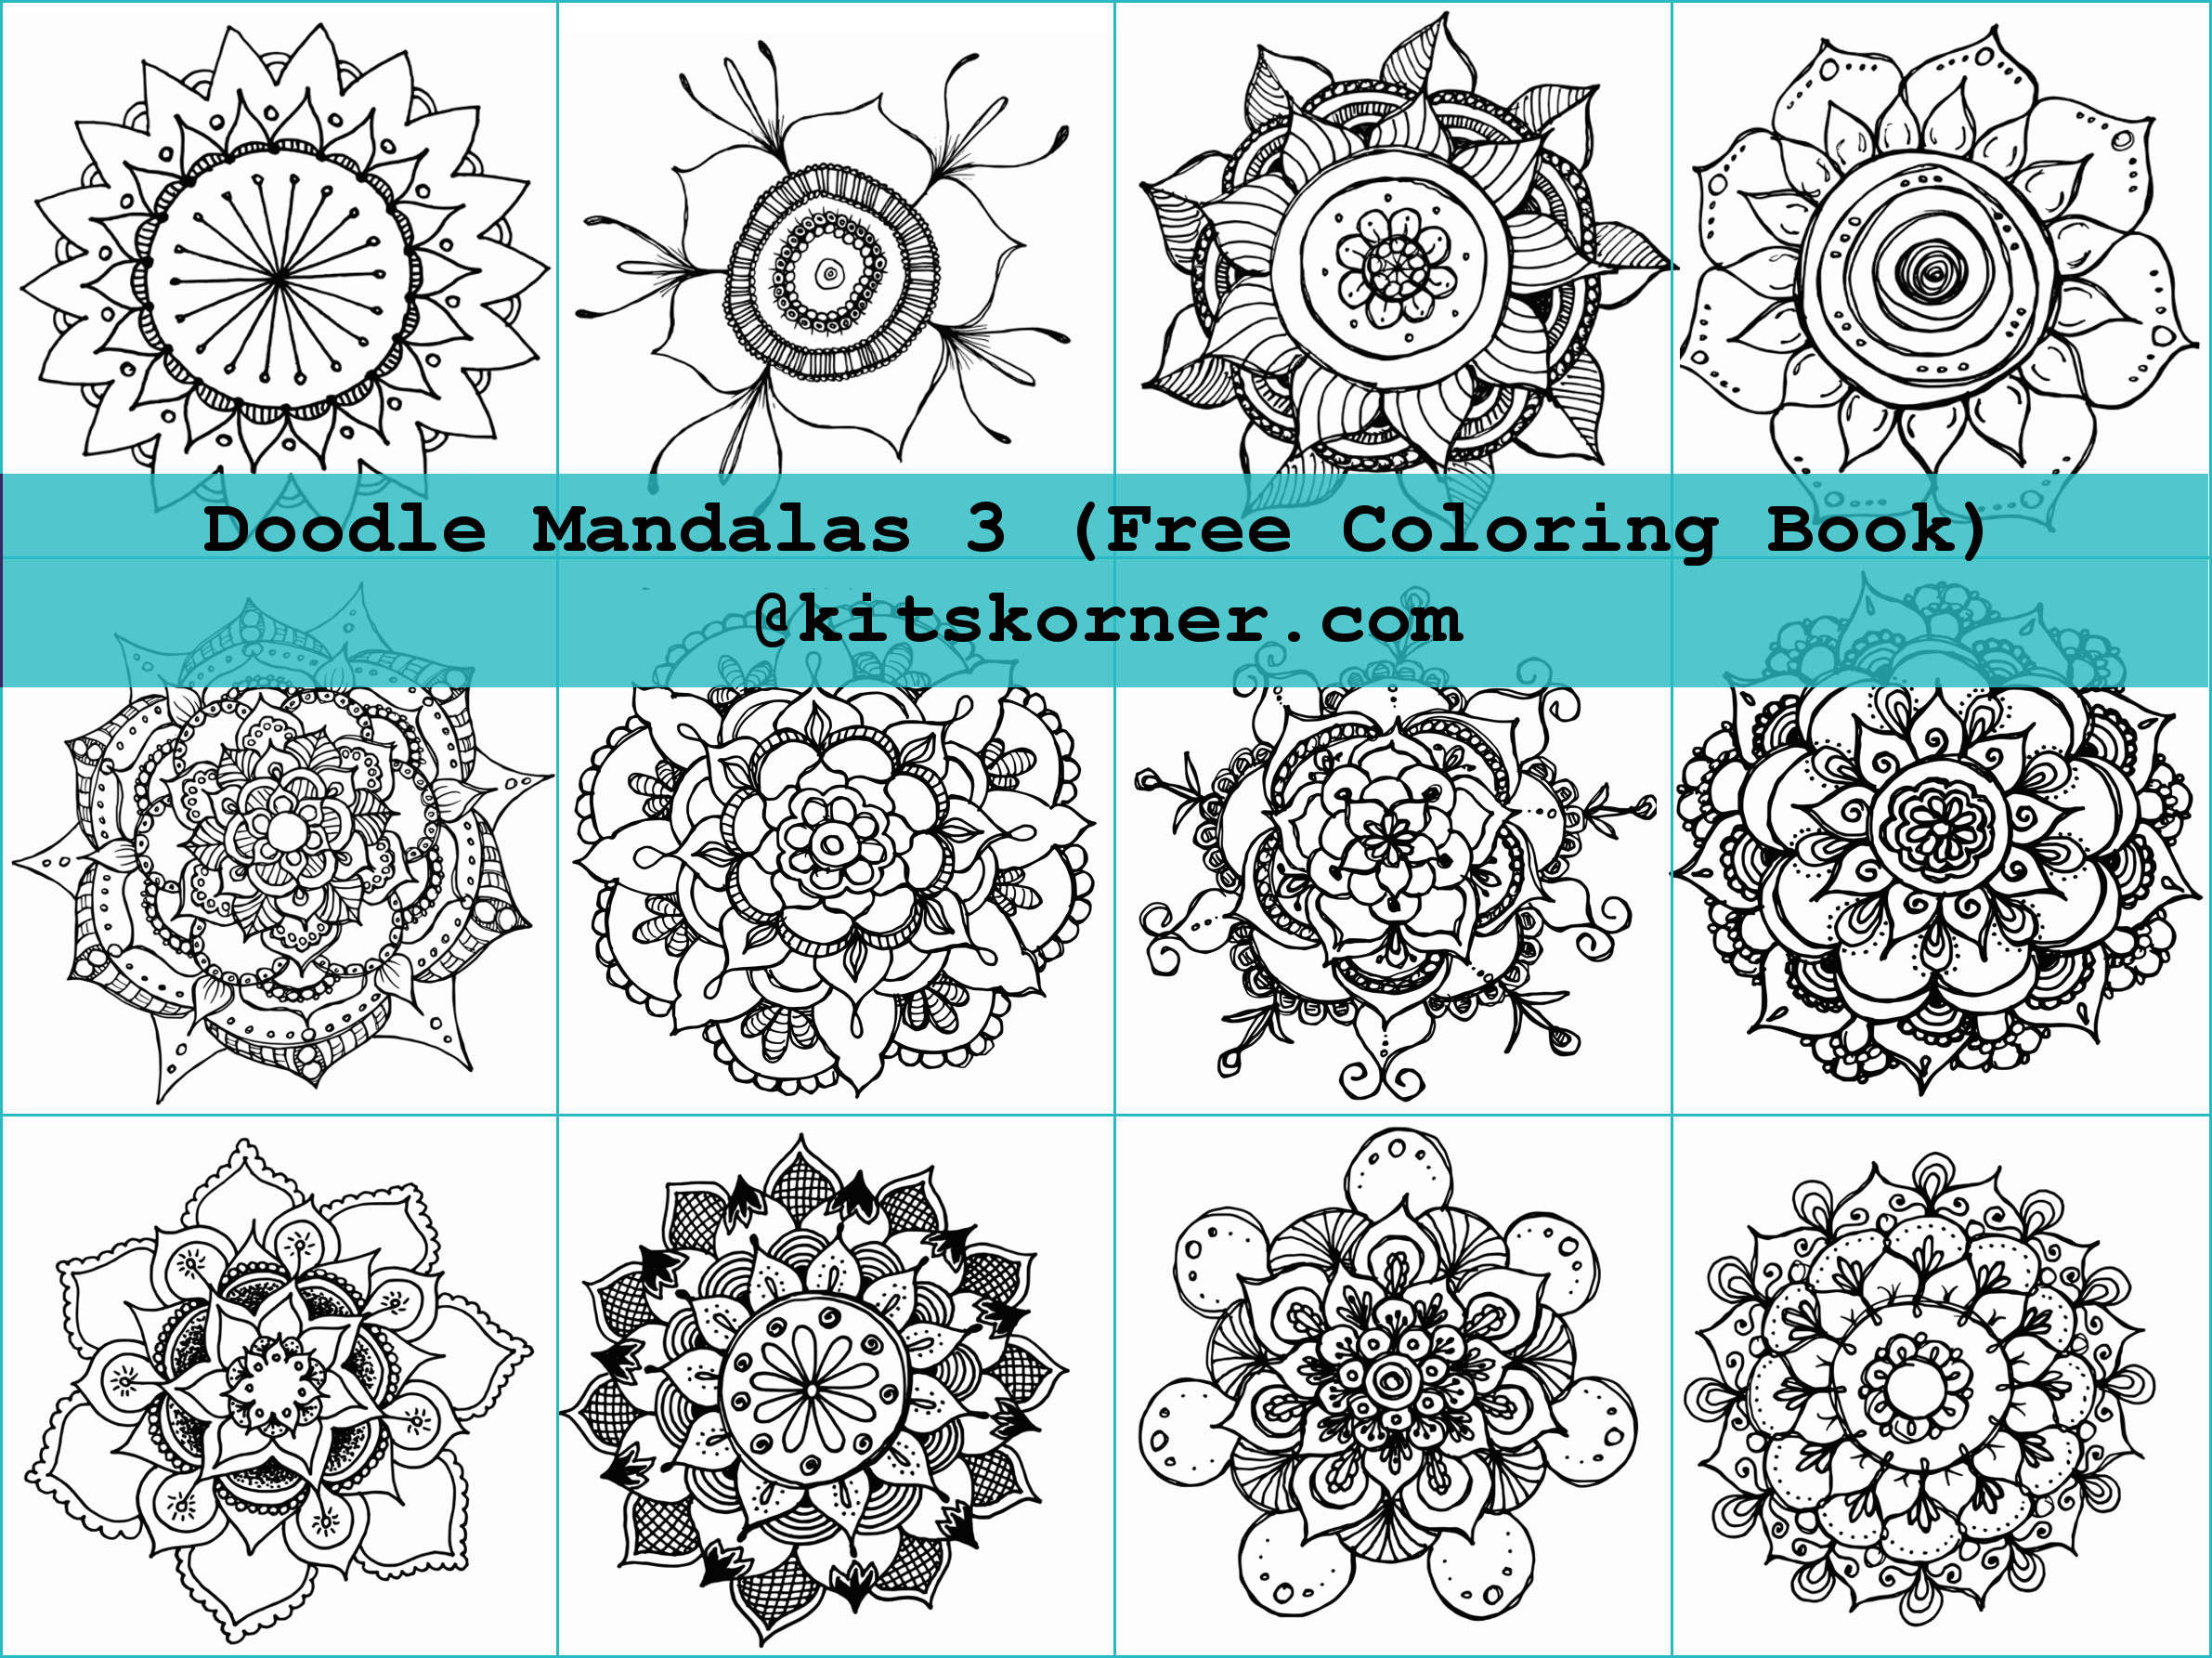 Free Coloring Book – Doodle Mandalas 3